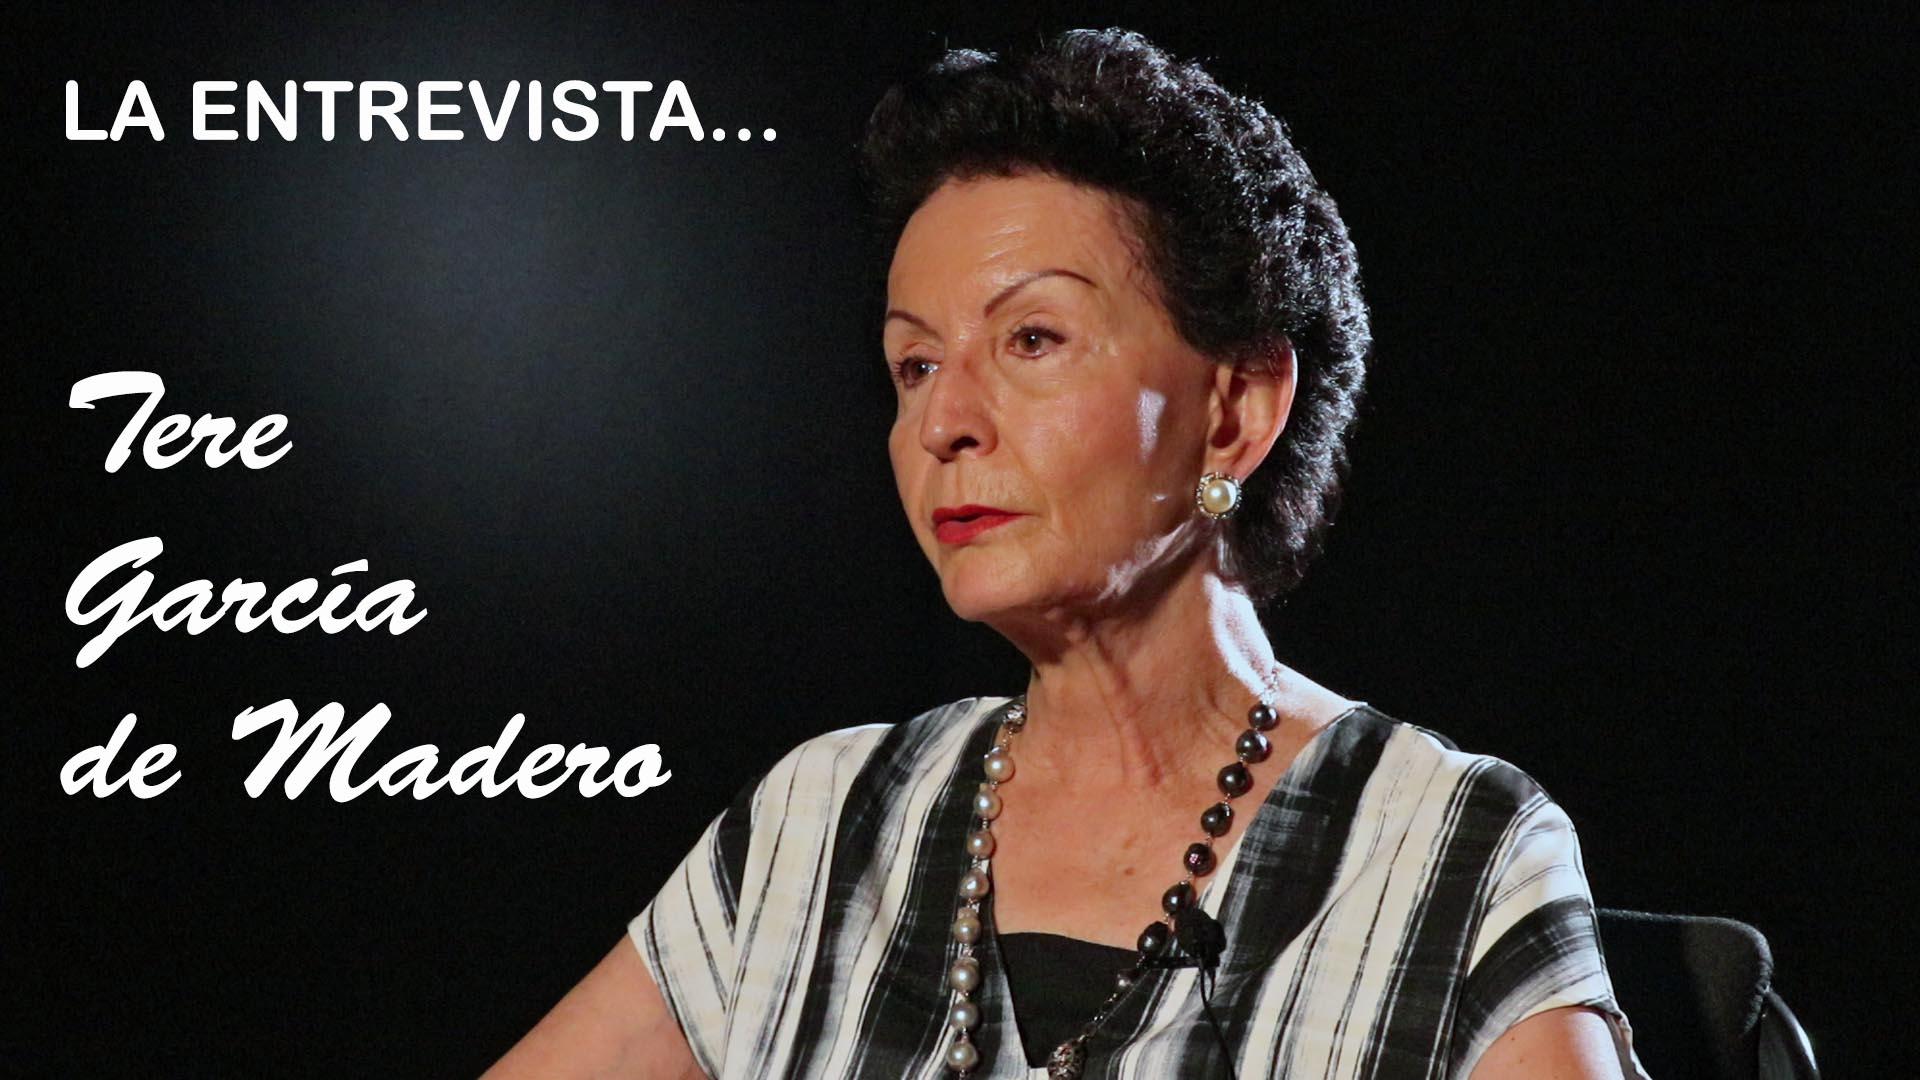 LA ENTREVISTA / TERE GARCÍA DE MADERO